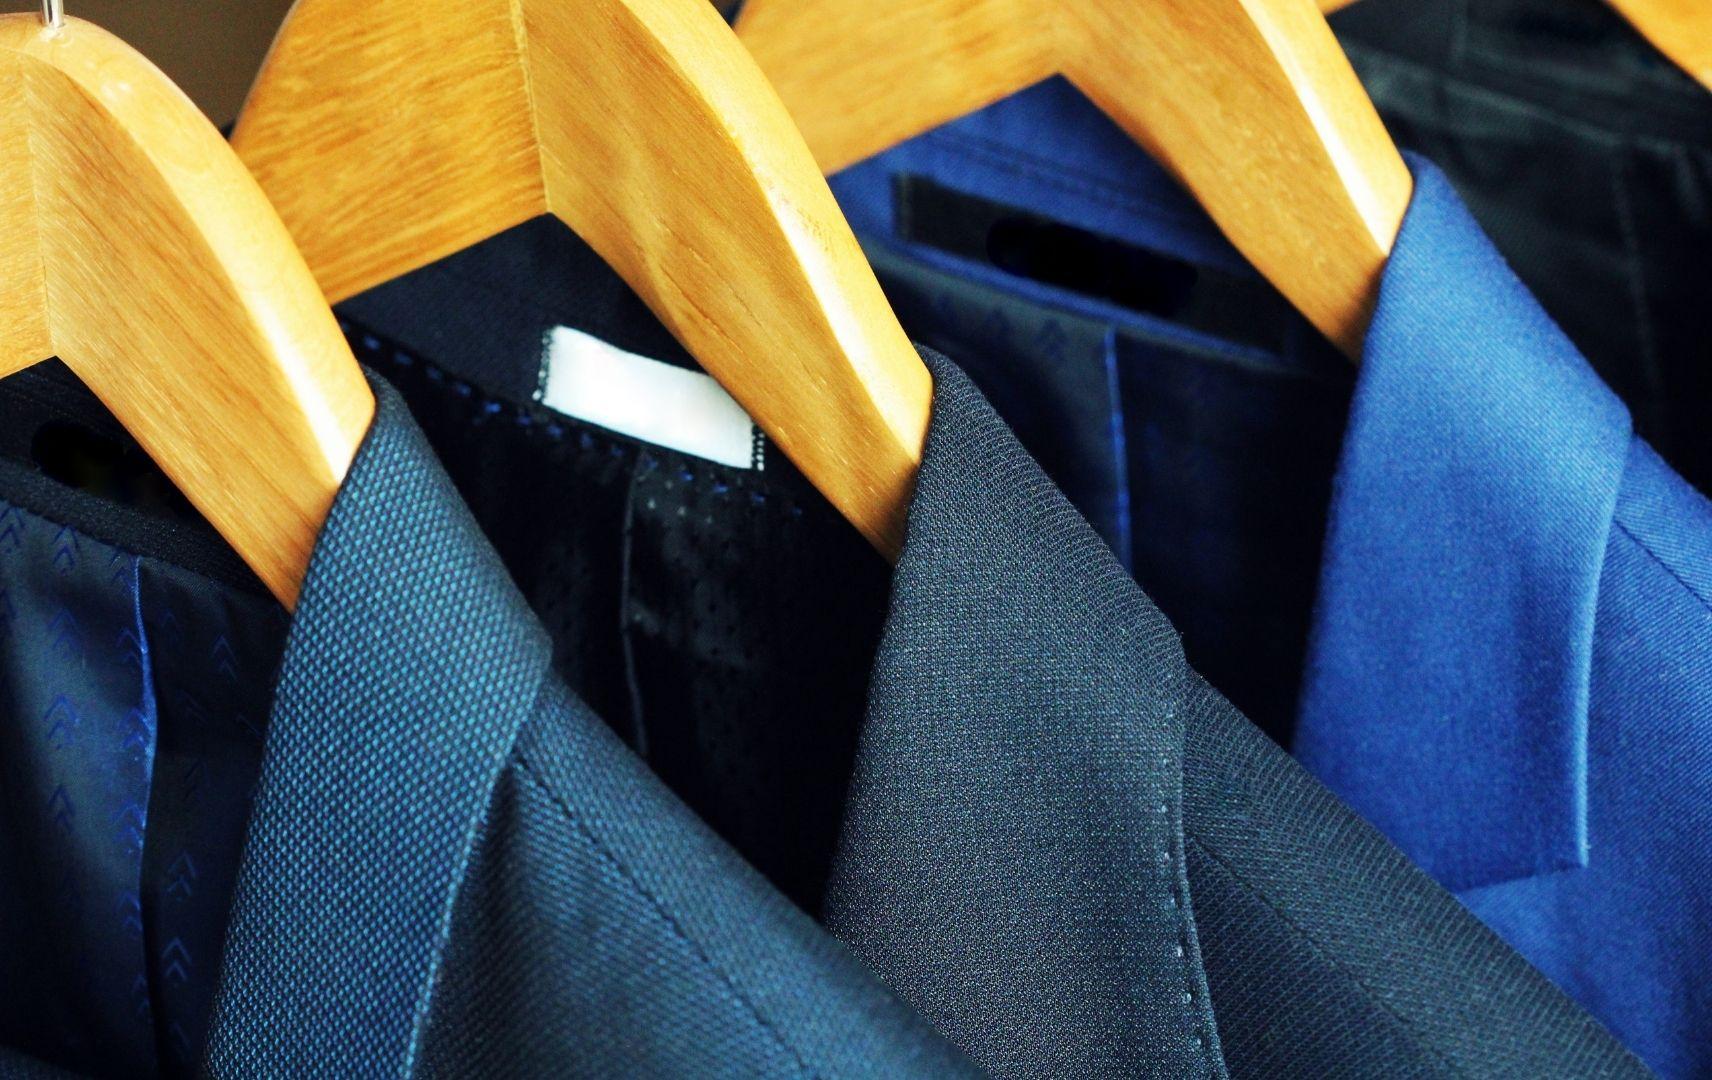 Anzüge auf Bügeln im Kleiderschrank